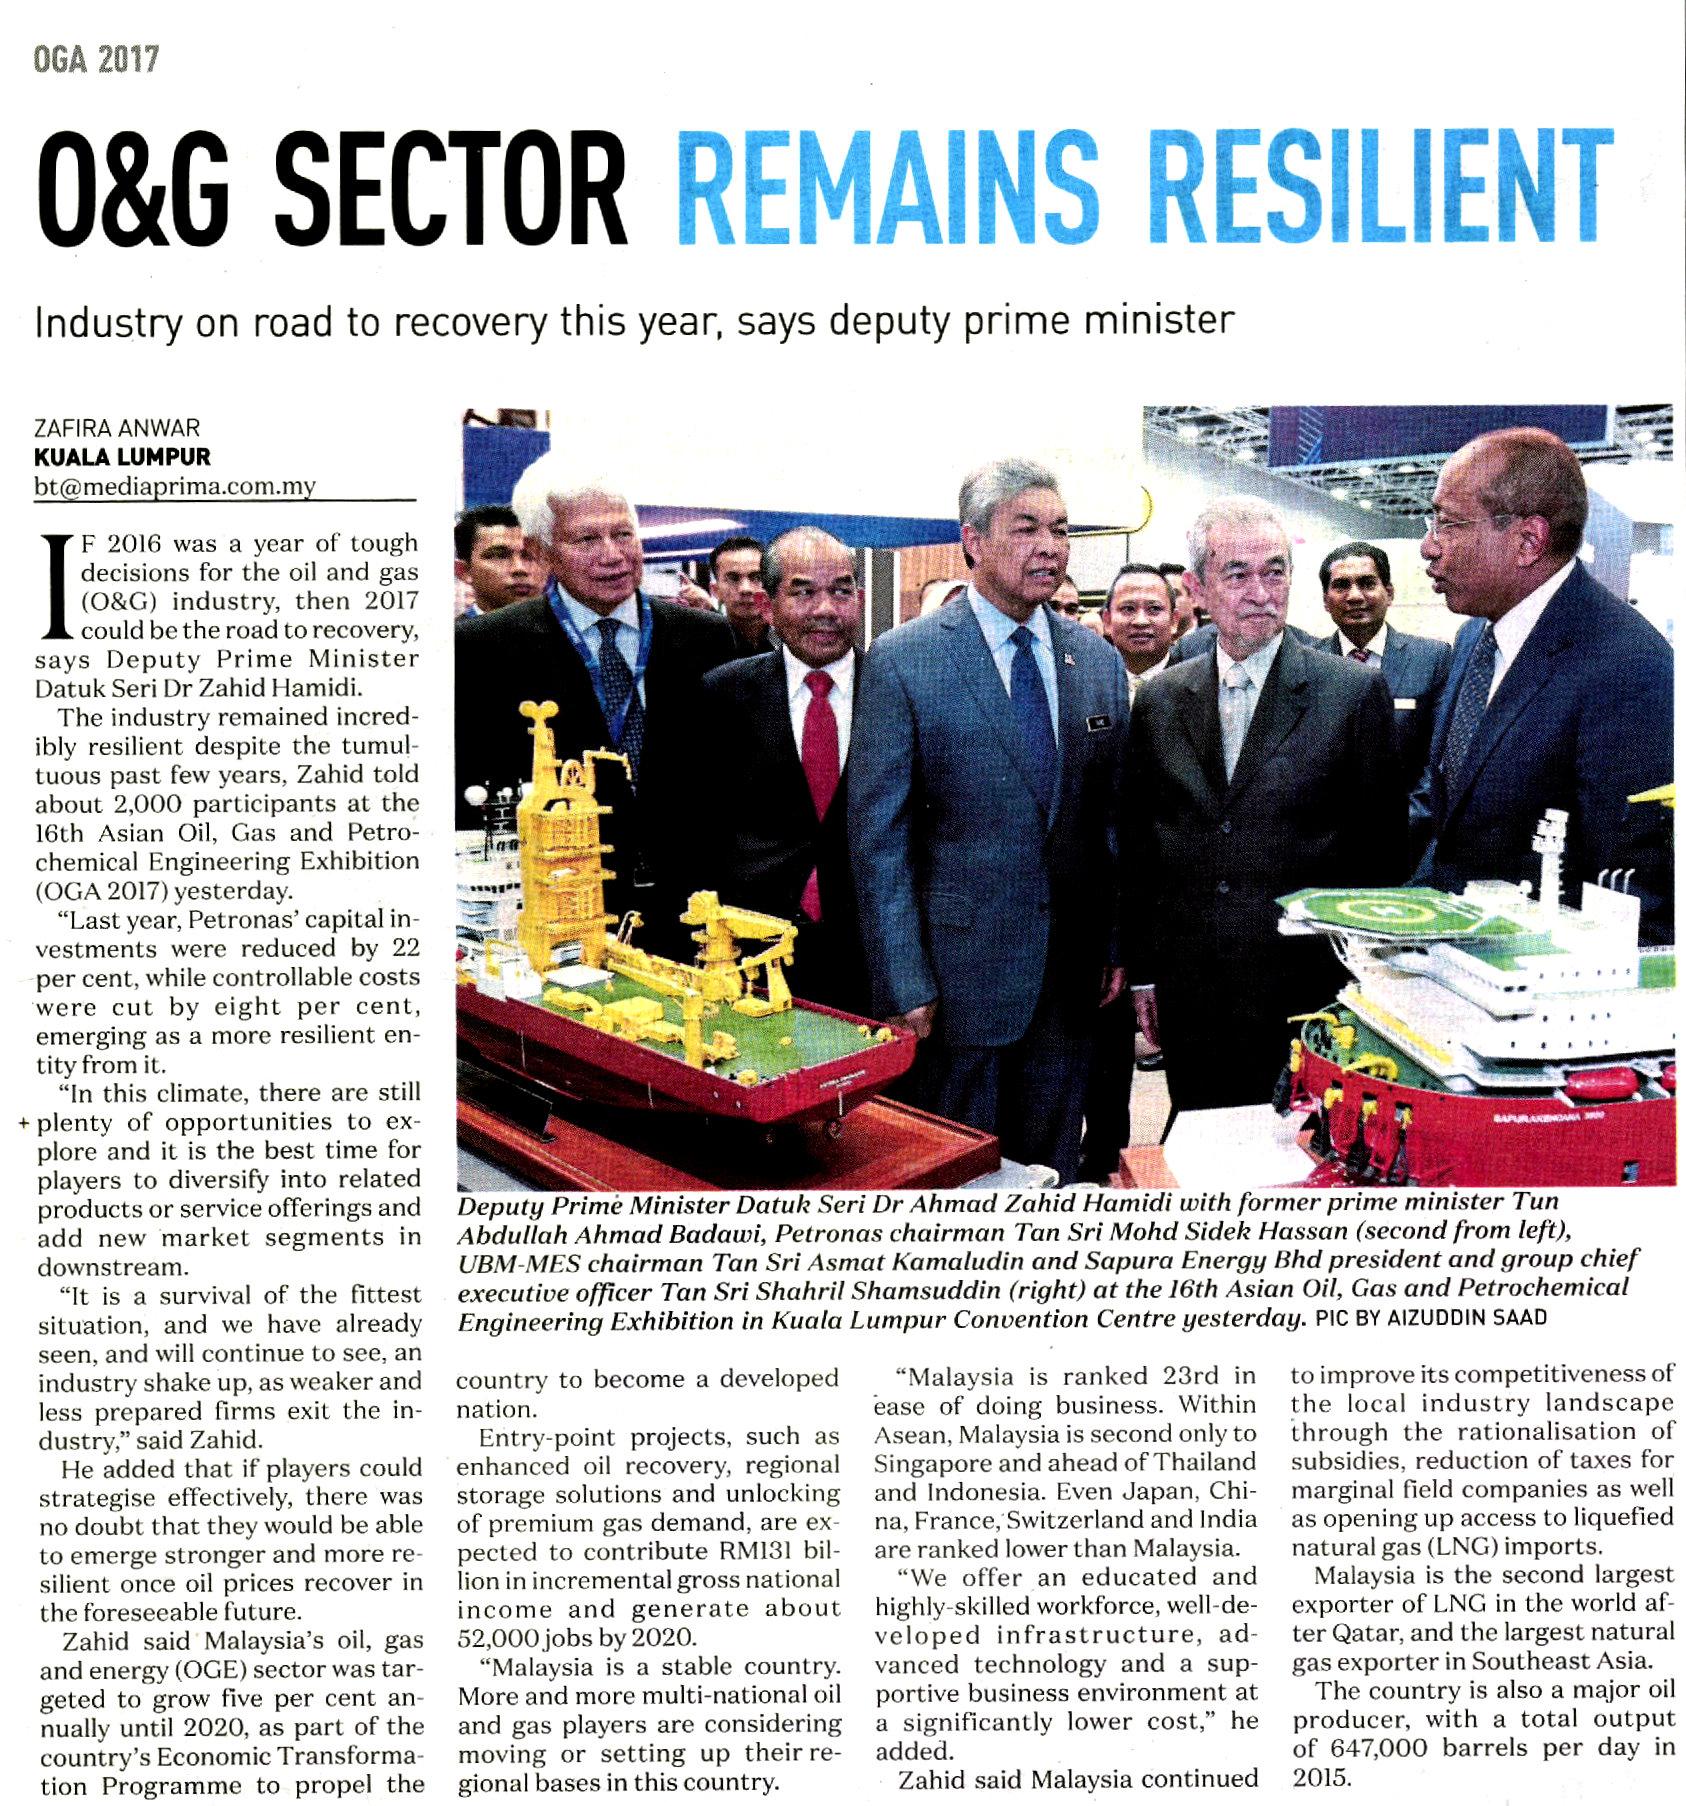 20170712_n60_nst_bz_4_fc_og-sector-remains-resilient